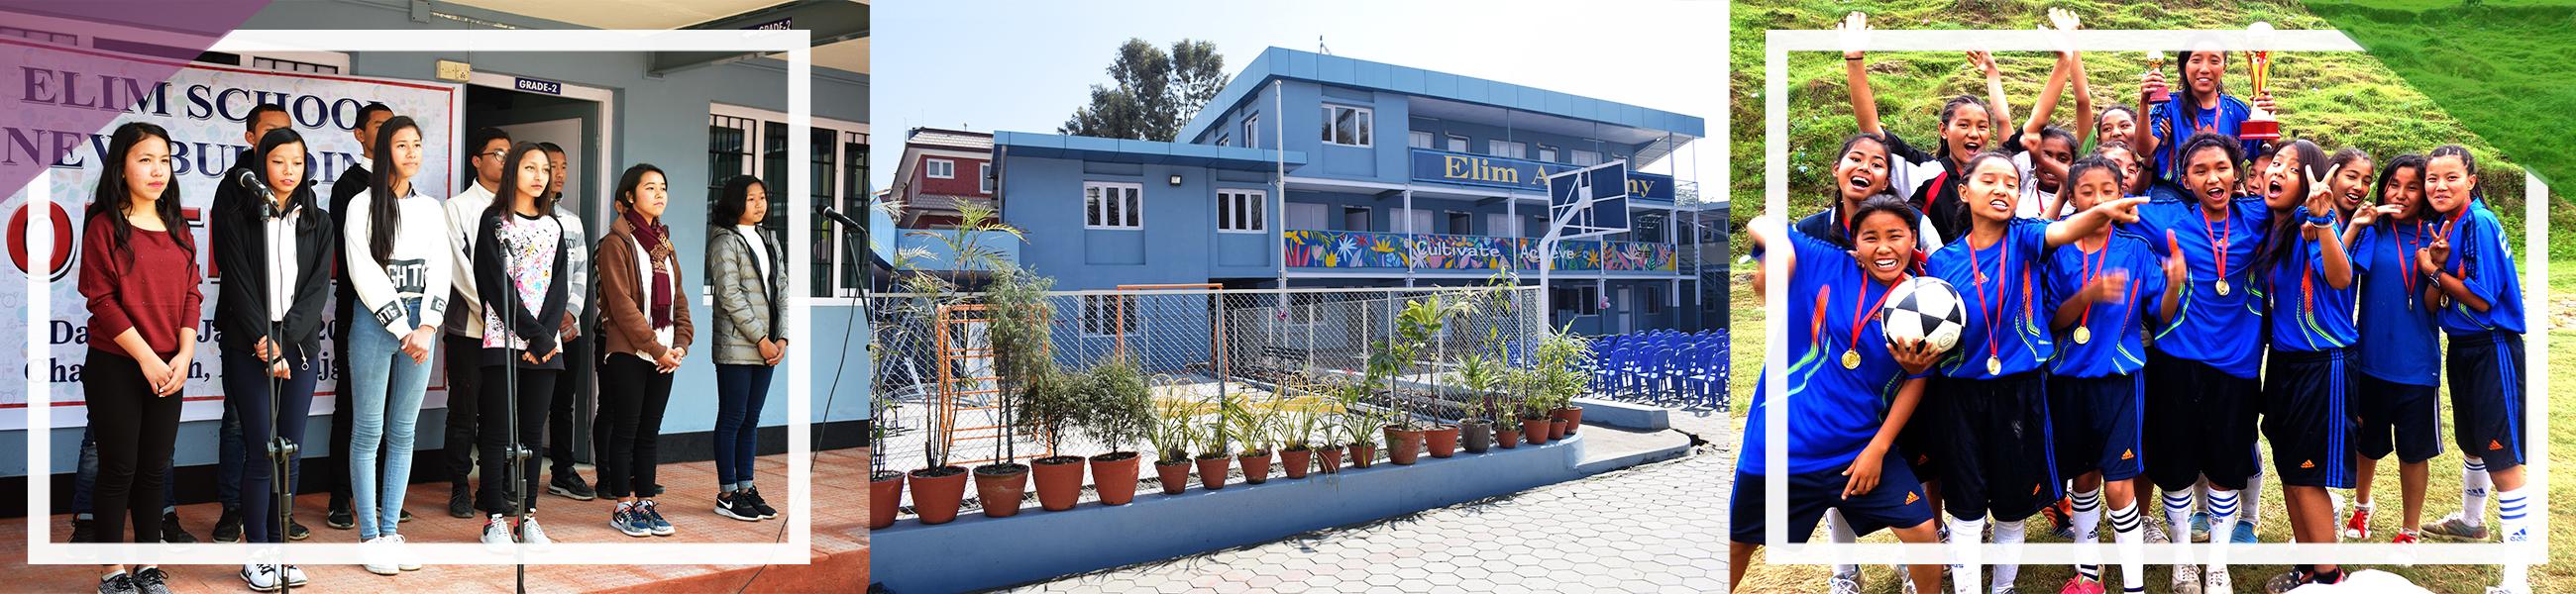 Elim Academy